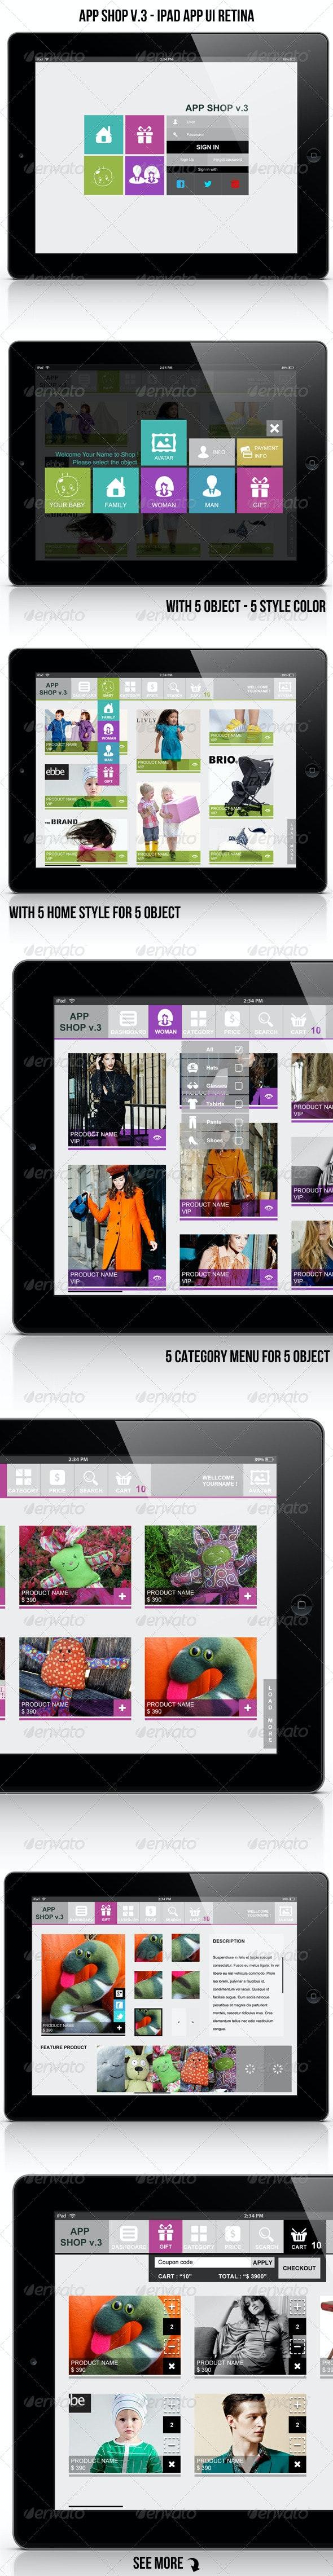 App Shop v.3 - Ipad App UI Retina